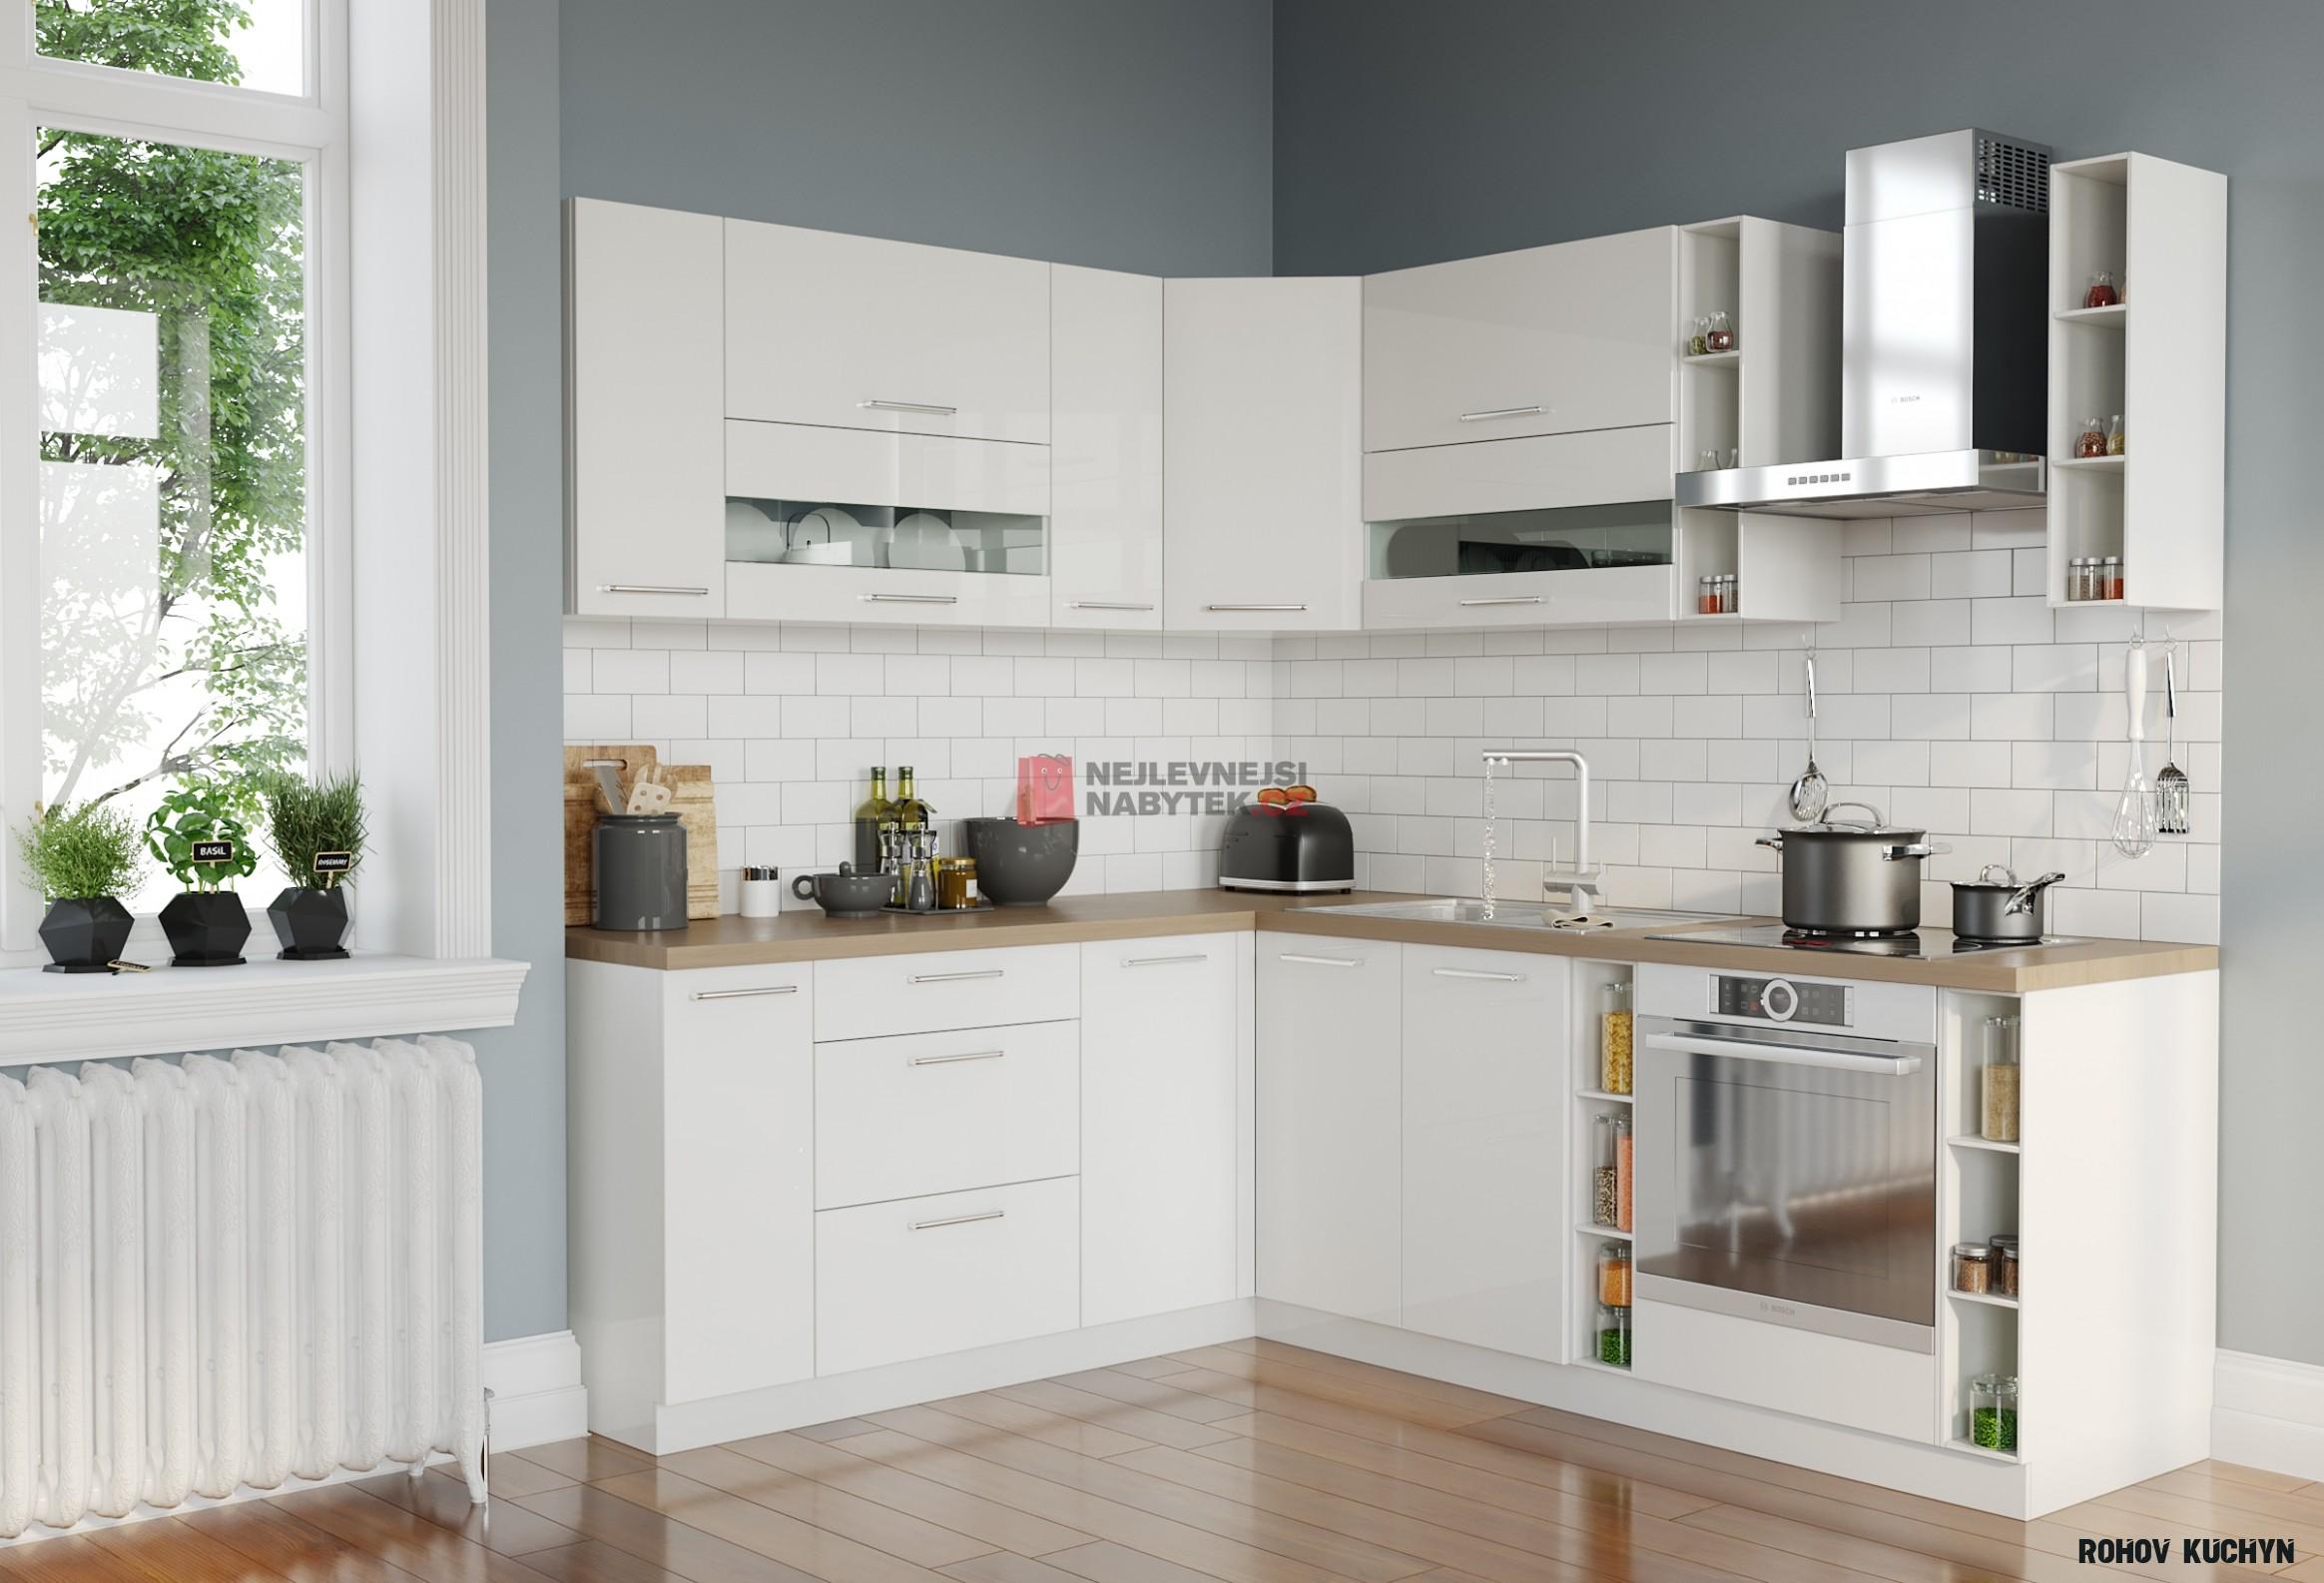 Rohová kuchyně COLBY 14x14, bílý lesk